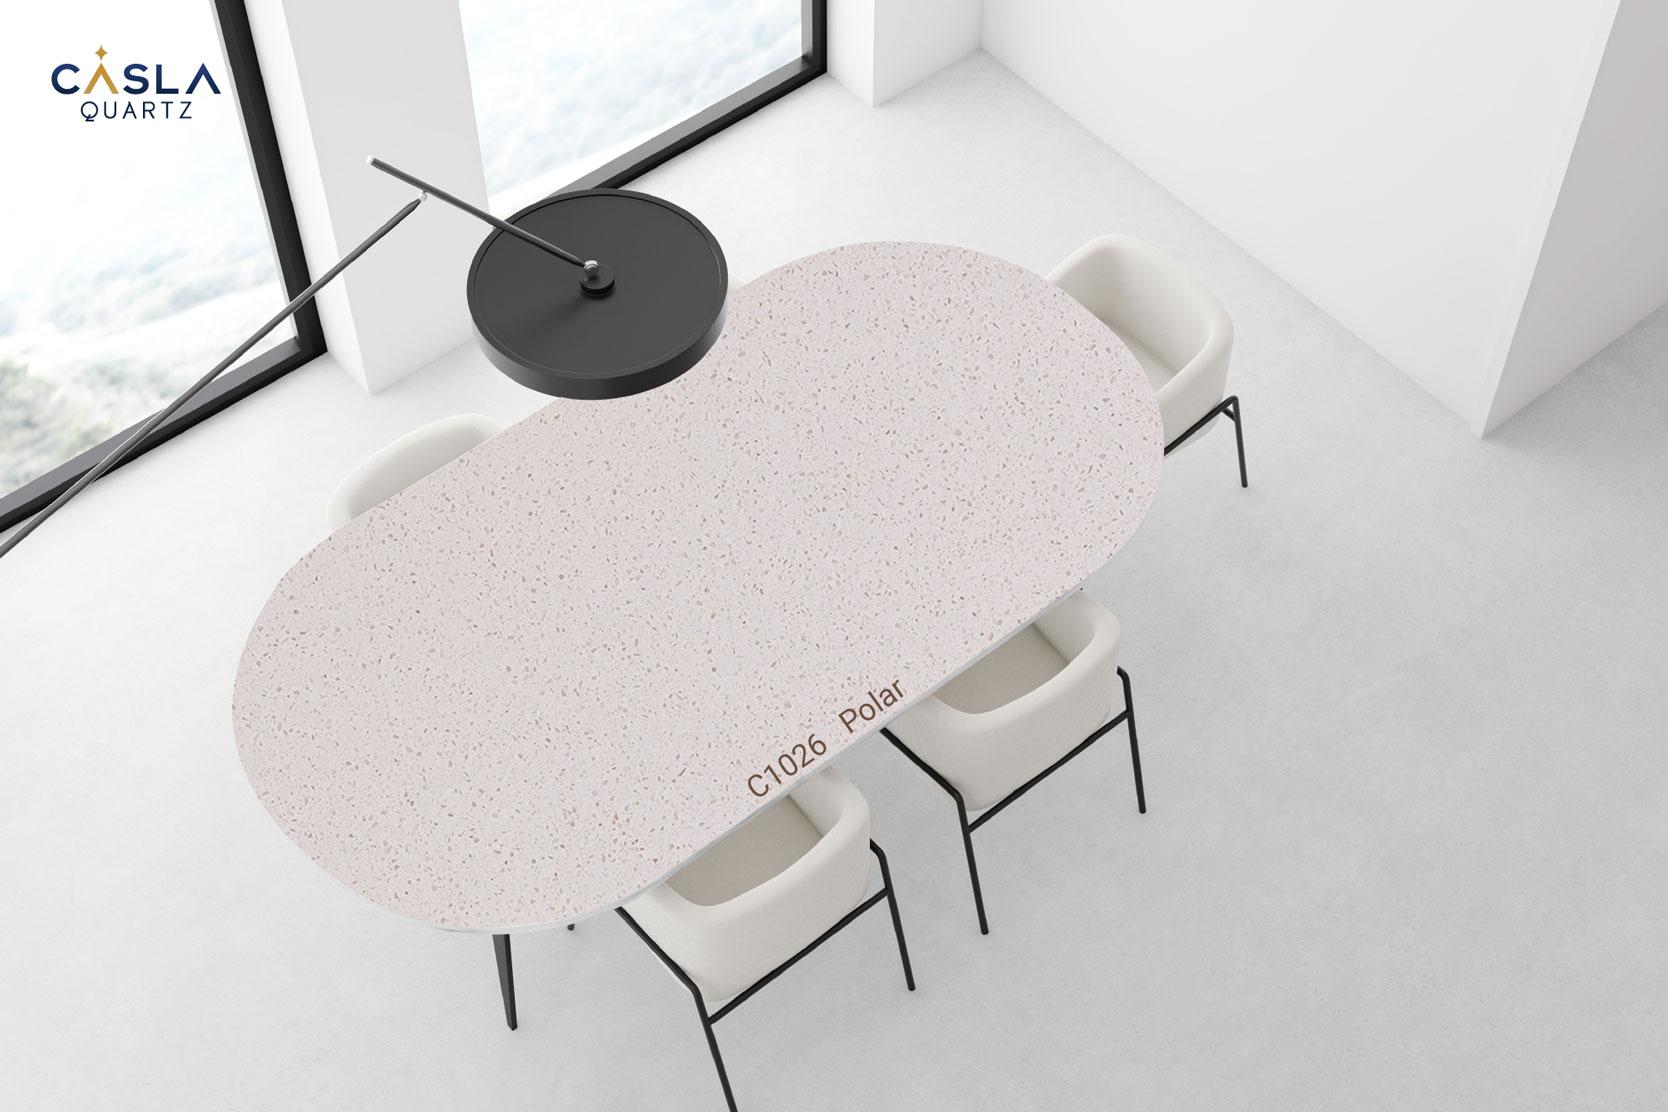 Đá nhân tạo gốc thạch anh Polar ứng dụng làm mặt bàn ăn